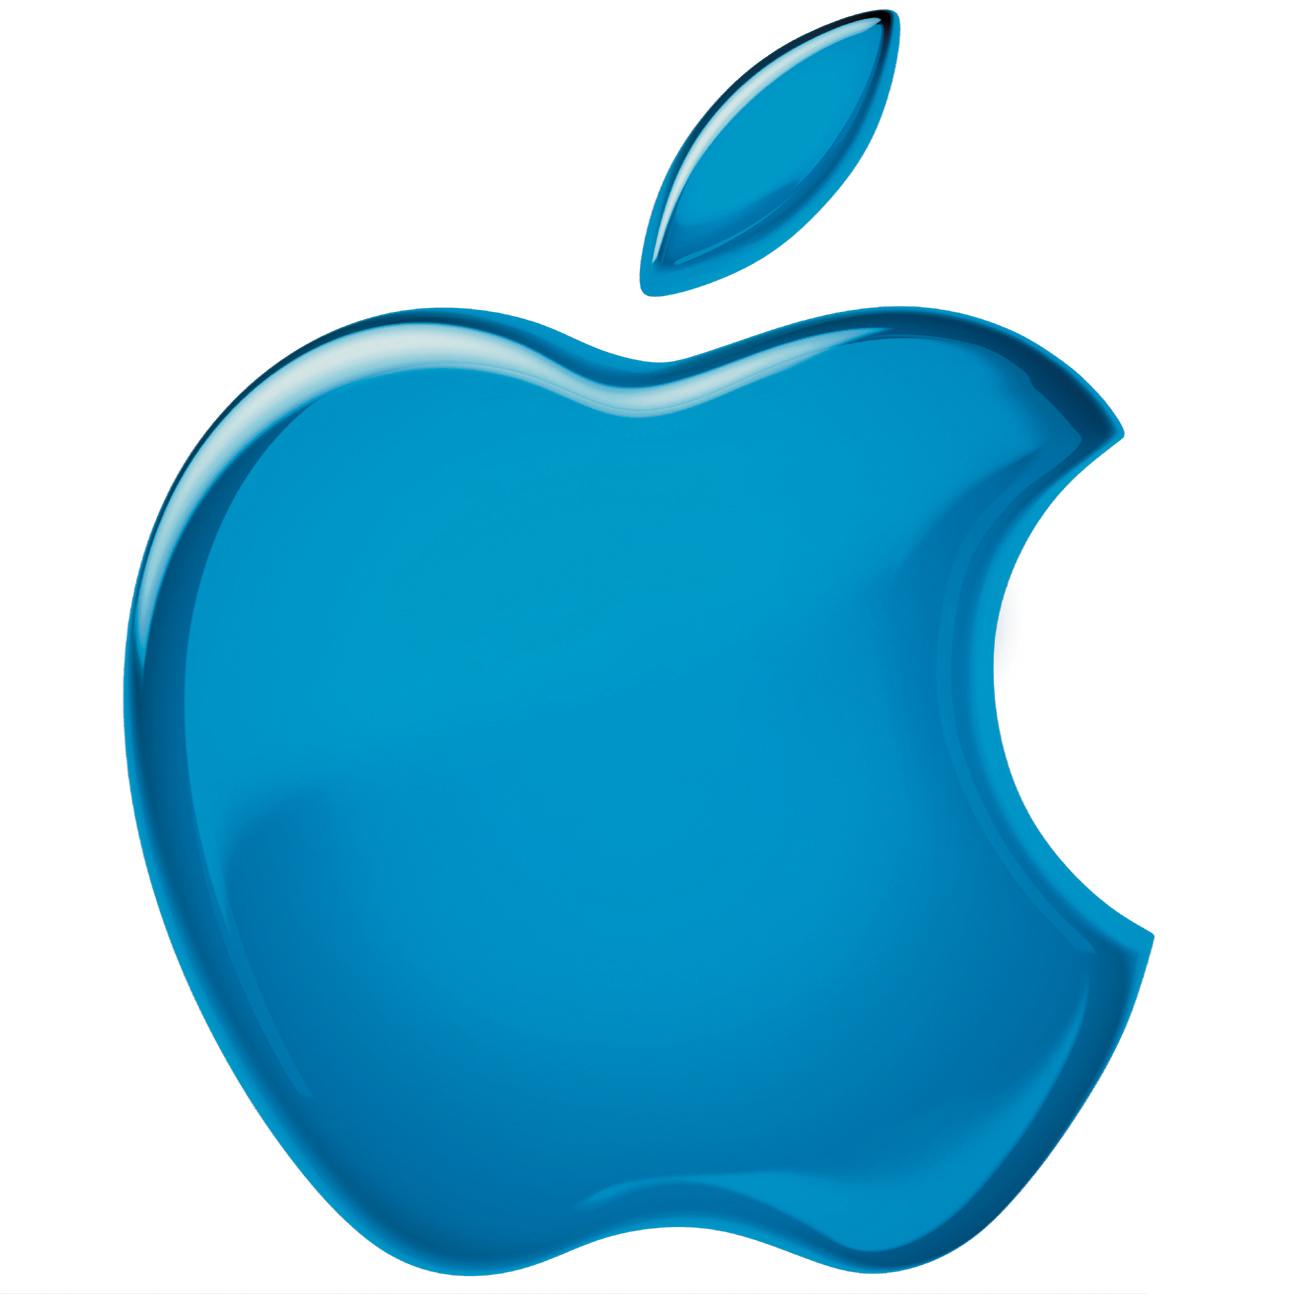 neue fun produkte von apple mac life. Black Bedroom Furniture Sets. Home Design Ideas